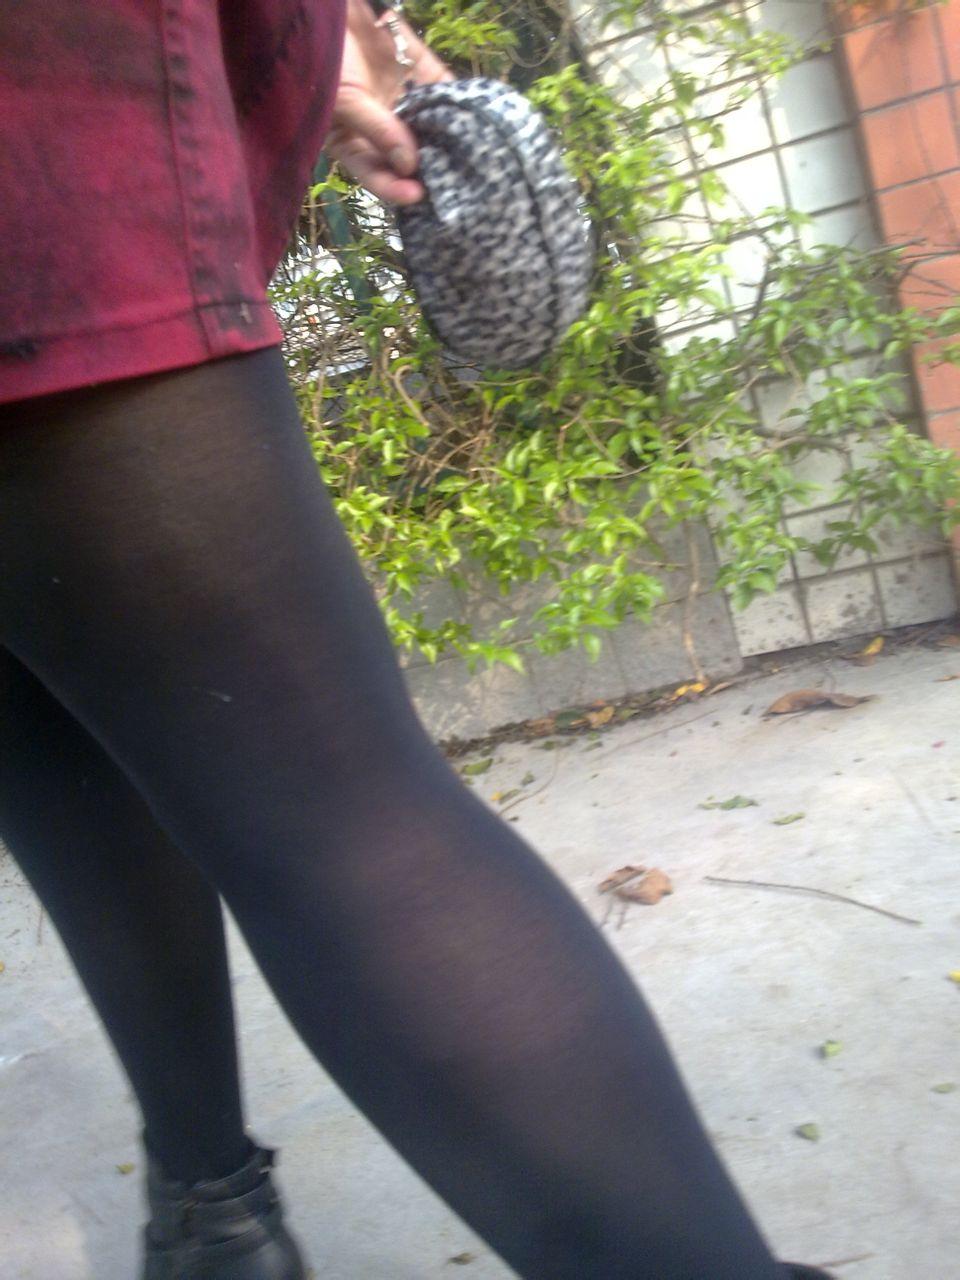 操丝袜白领_姐姐的丝袜昨天在阳台晒,我偷偷摸摸,被她看到了,问我